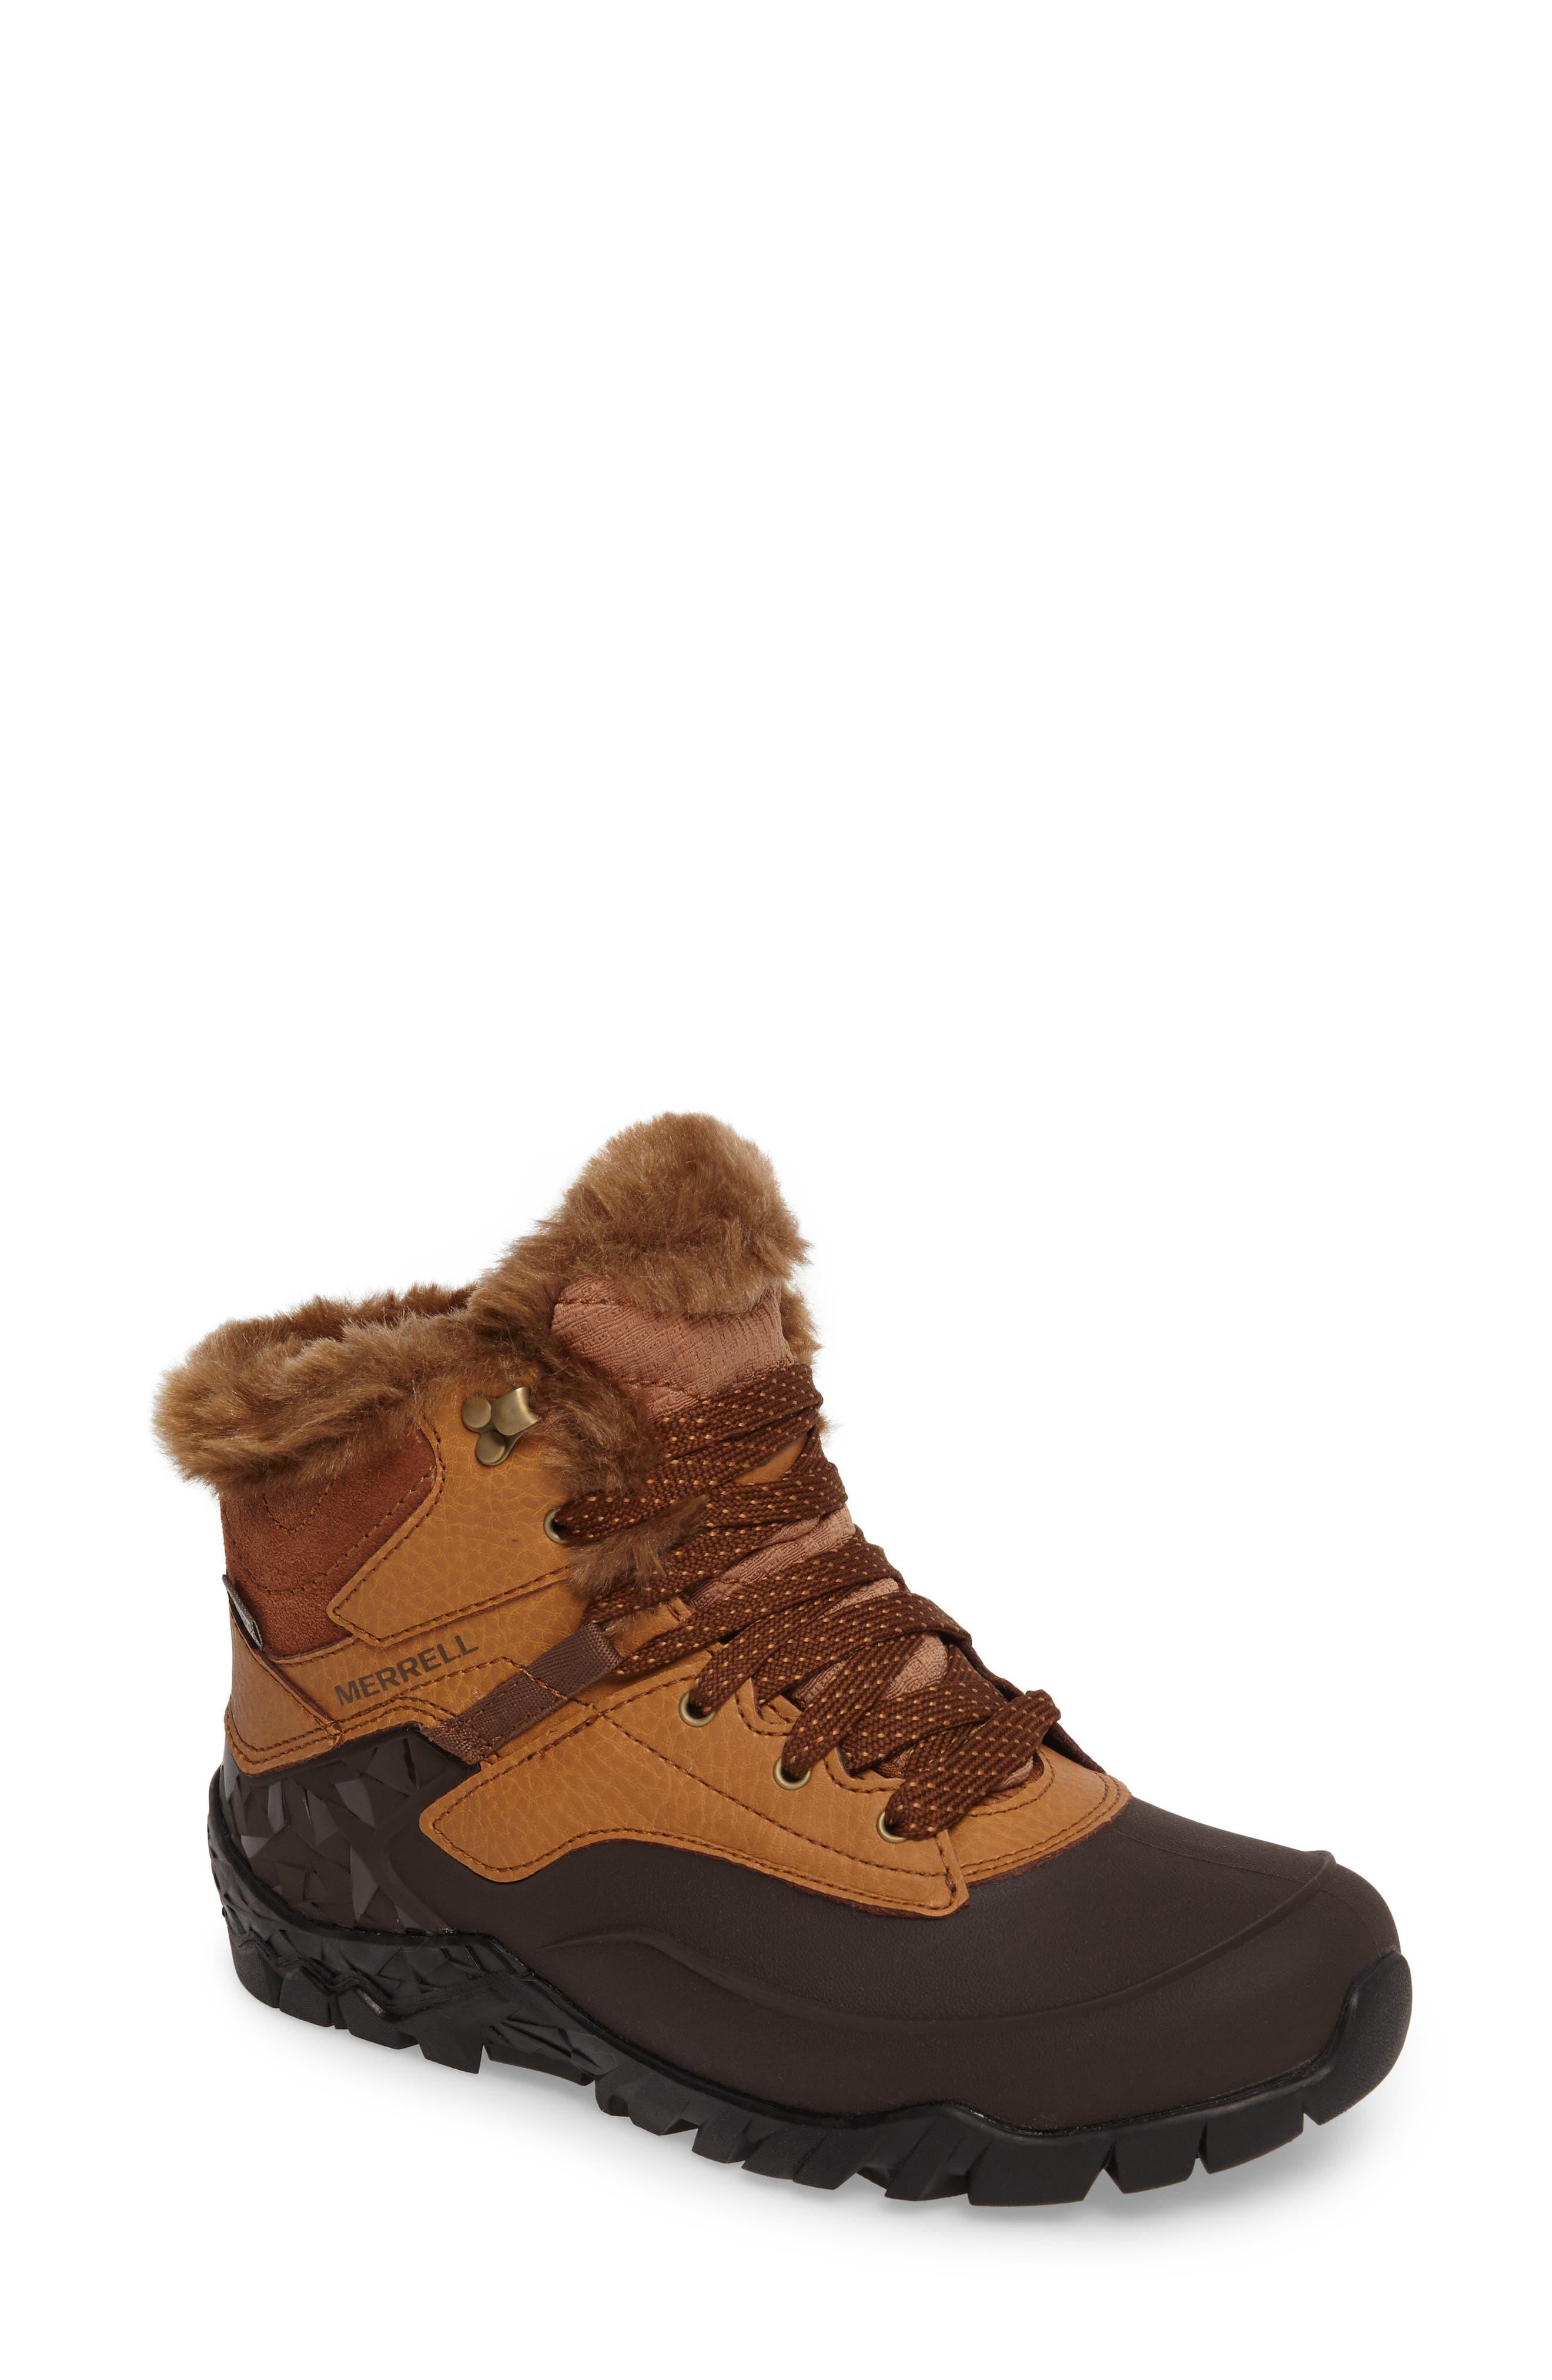 Main Image - Merrell Aurora 6 Ice+ Waterproof Boot (Women)